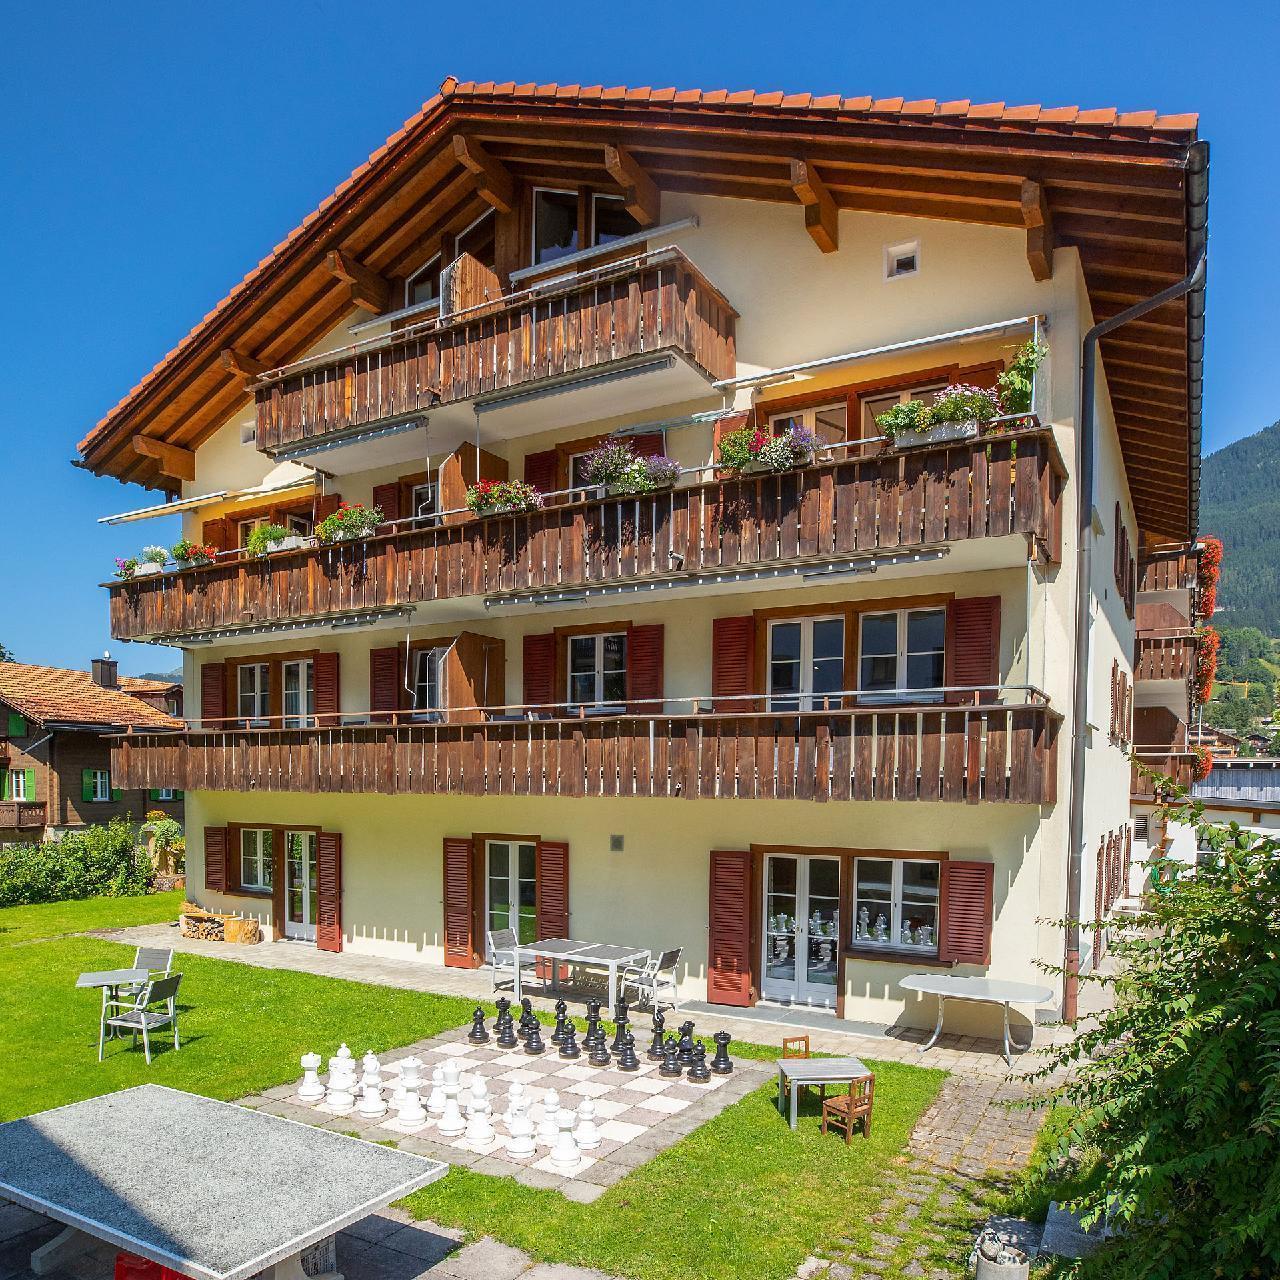 Appartement de vacances Sport-Lodge Klosters - Gartenblick (2656664), Klosters, Davos - Klosters - Prättigau, Grisons, Suisse, image 8